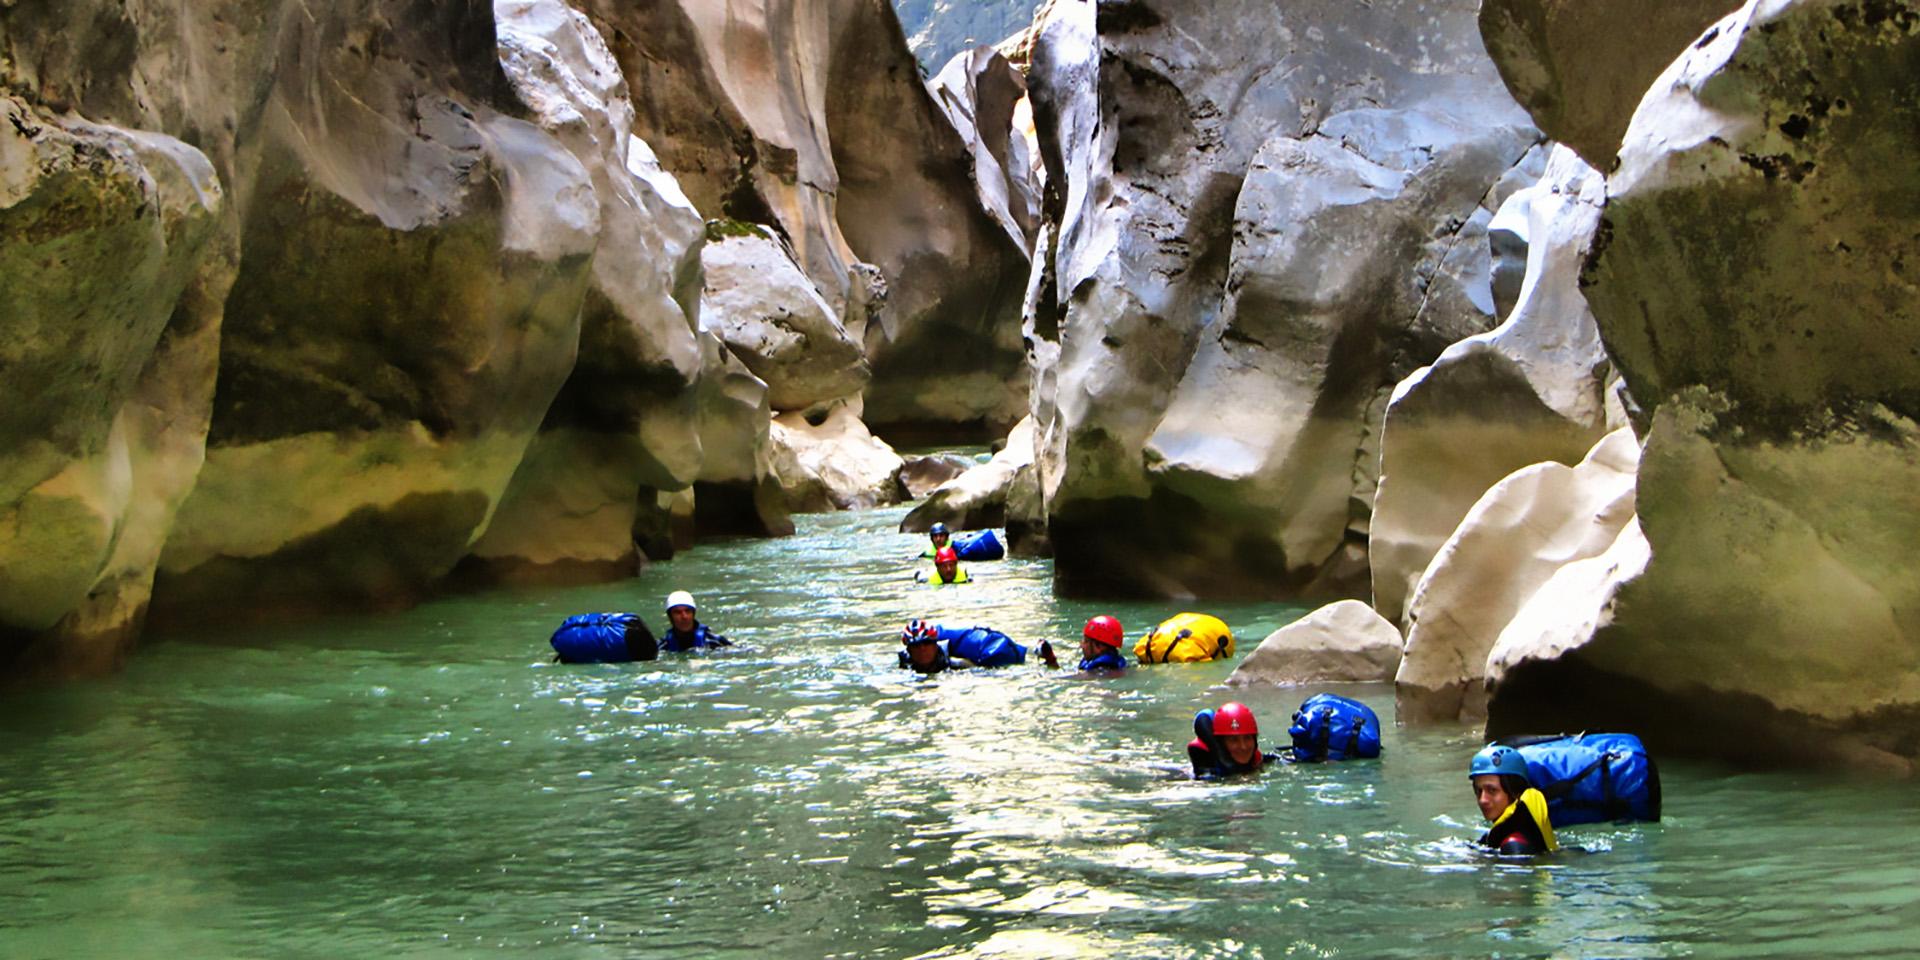 canyoning nasıl yapılır